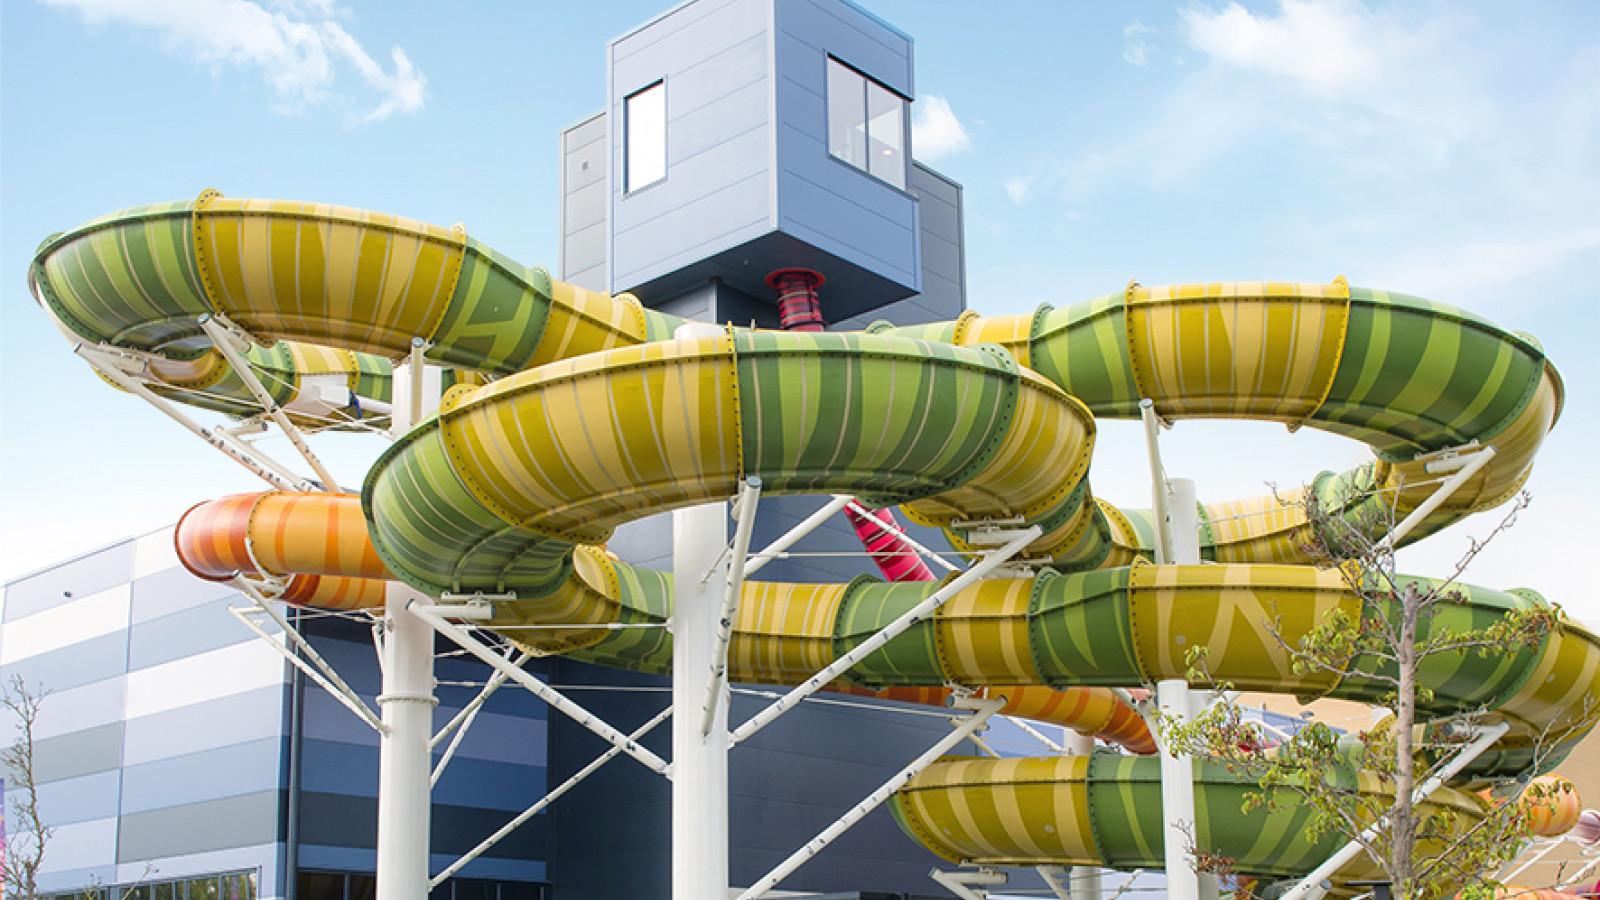 Plopsa senkt Preis für Schwimmbad-Kooperation mit Gemeinde um 7,5 Mio. Euro